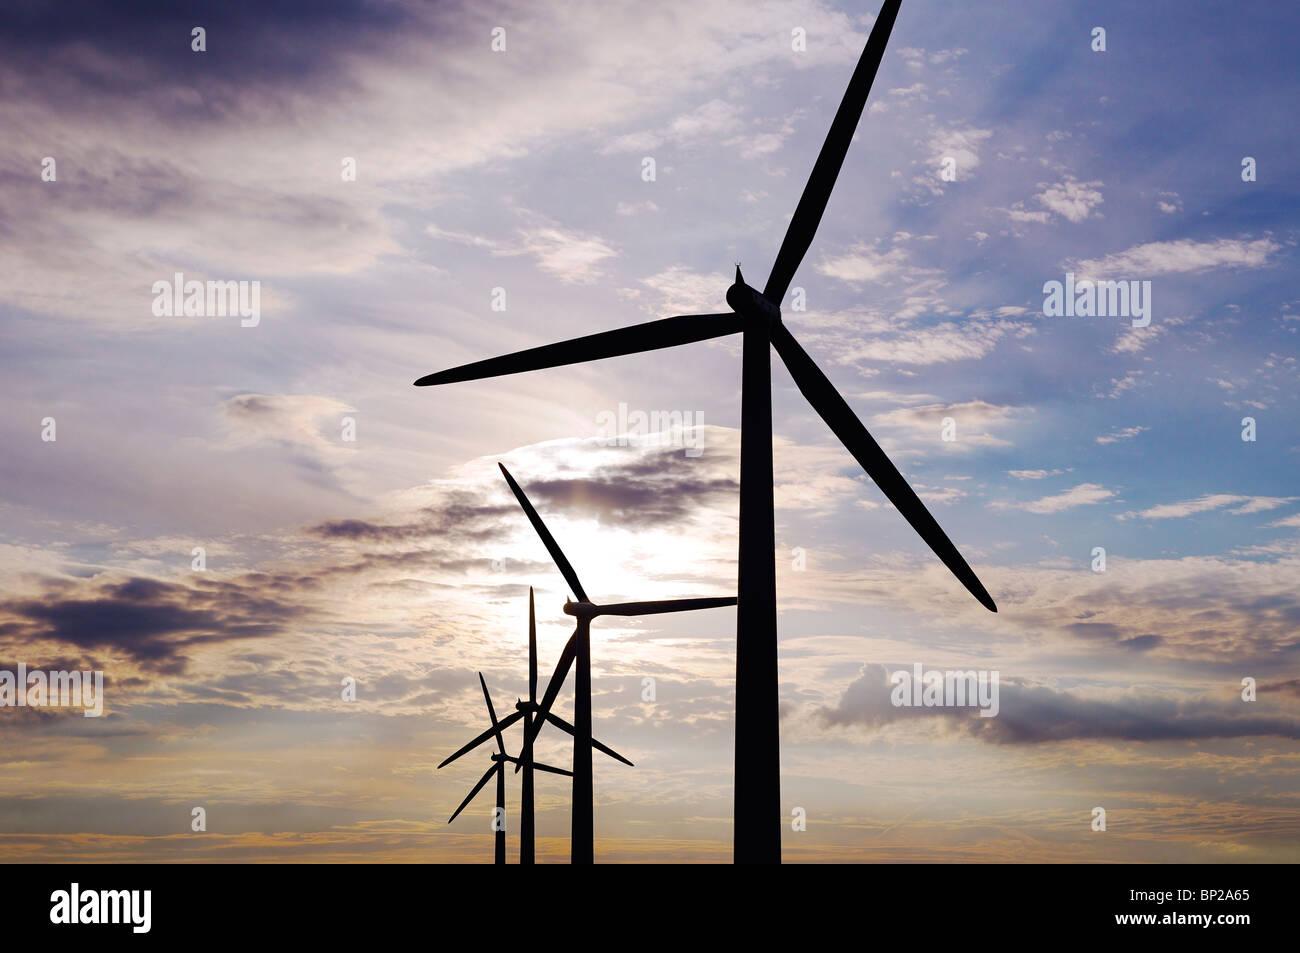 Windkraftanlagen, Watchfield, Vereinigtes Königreich. Stockbild